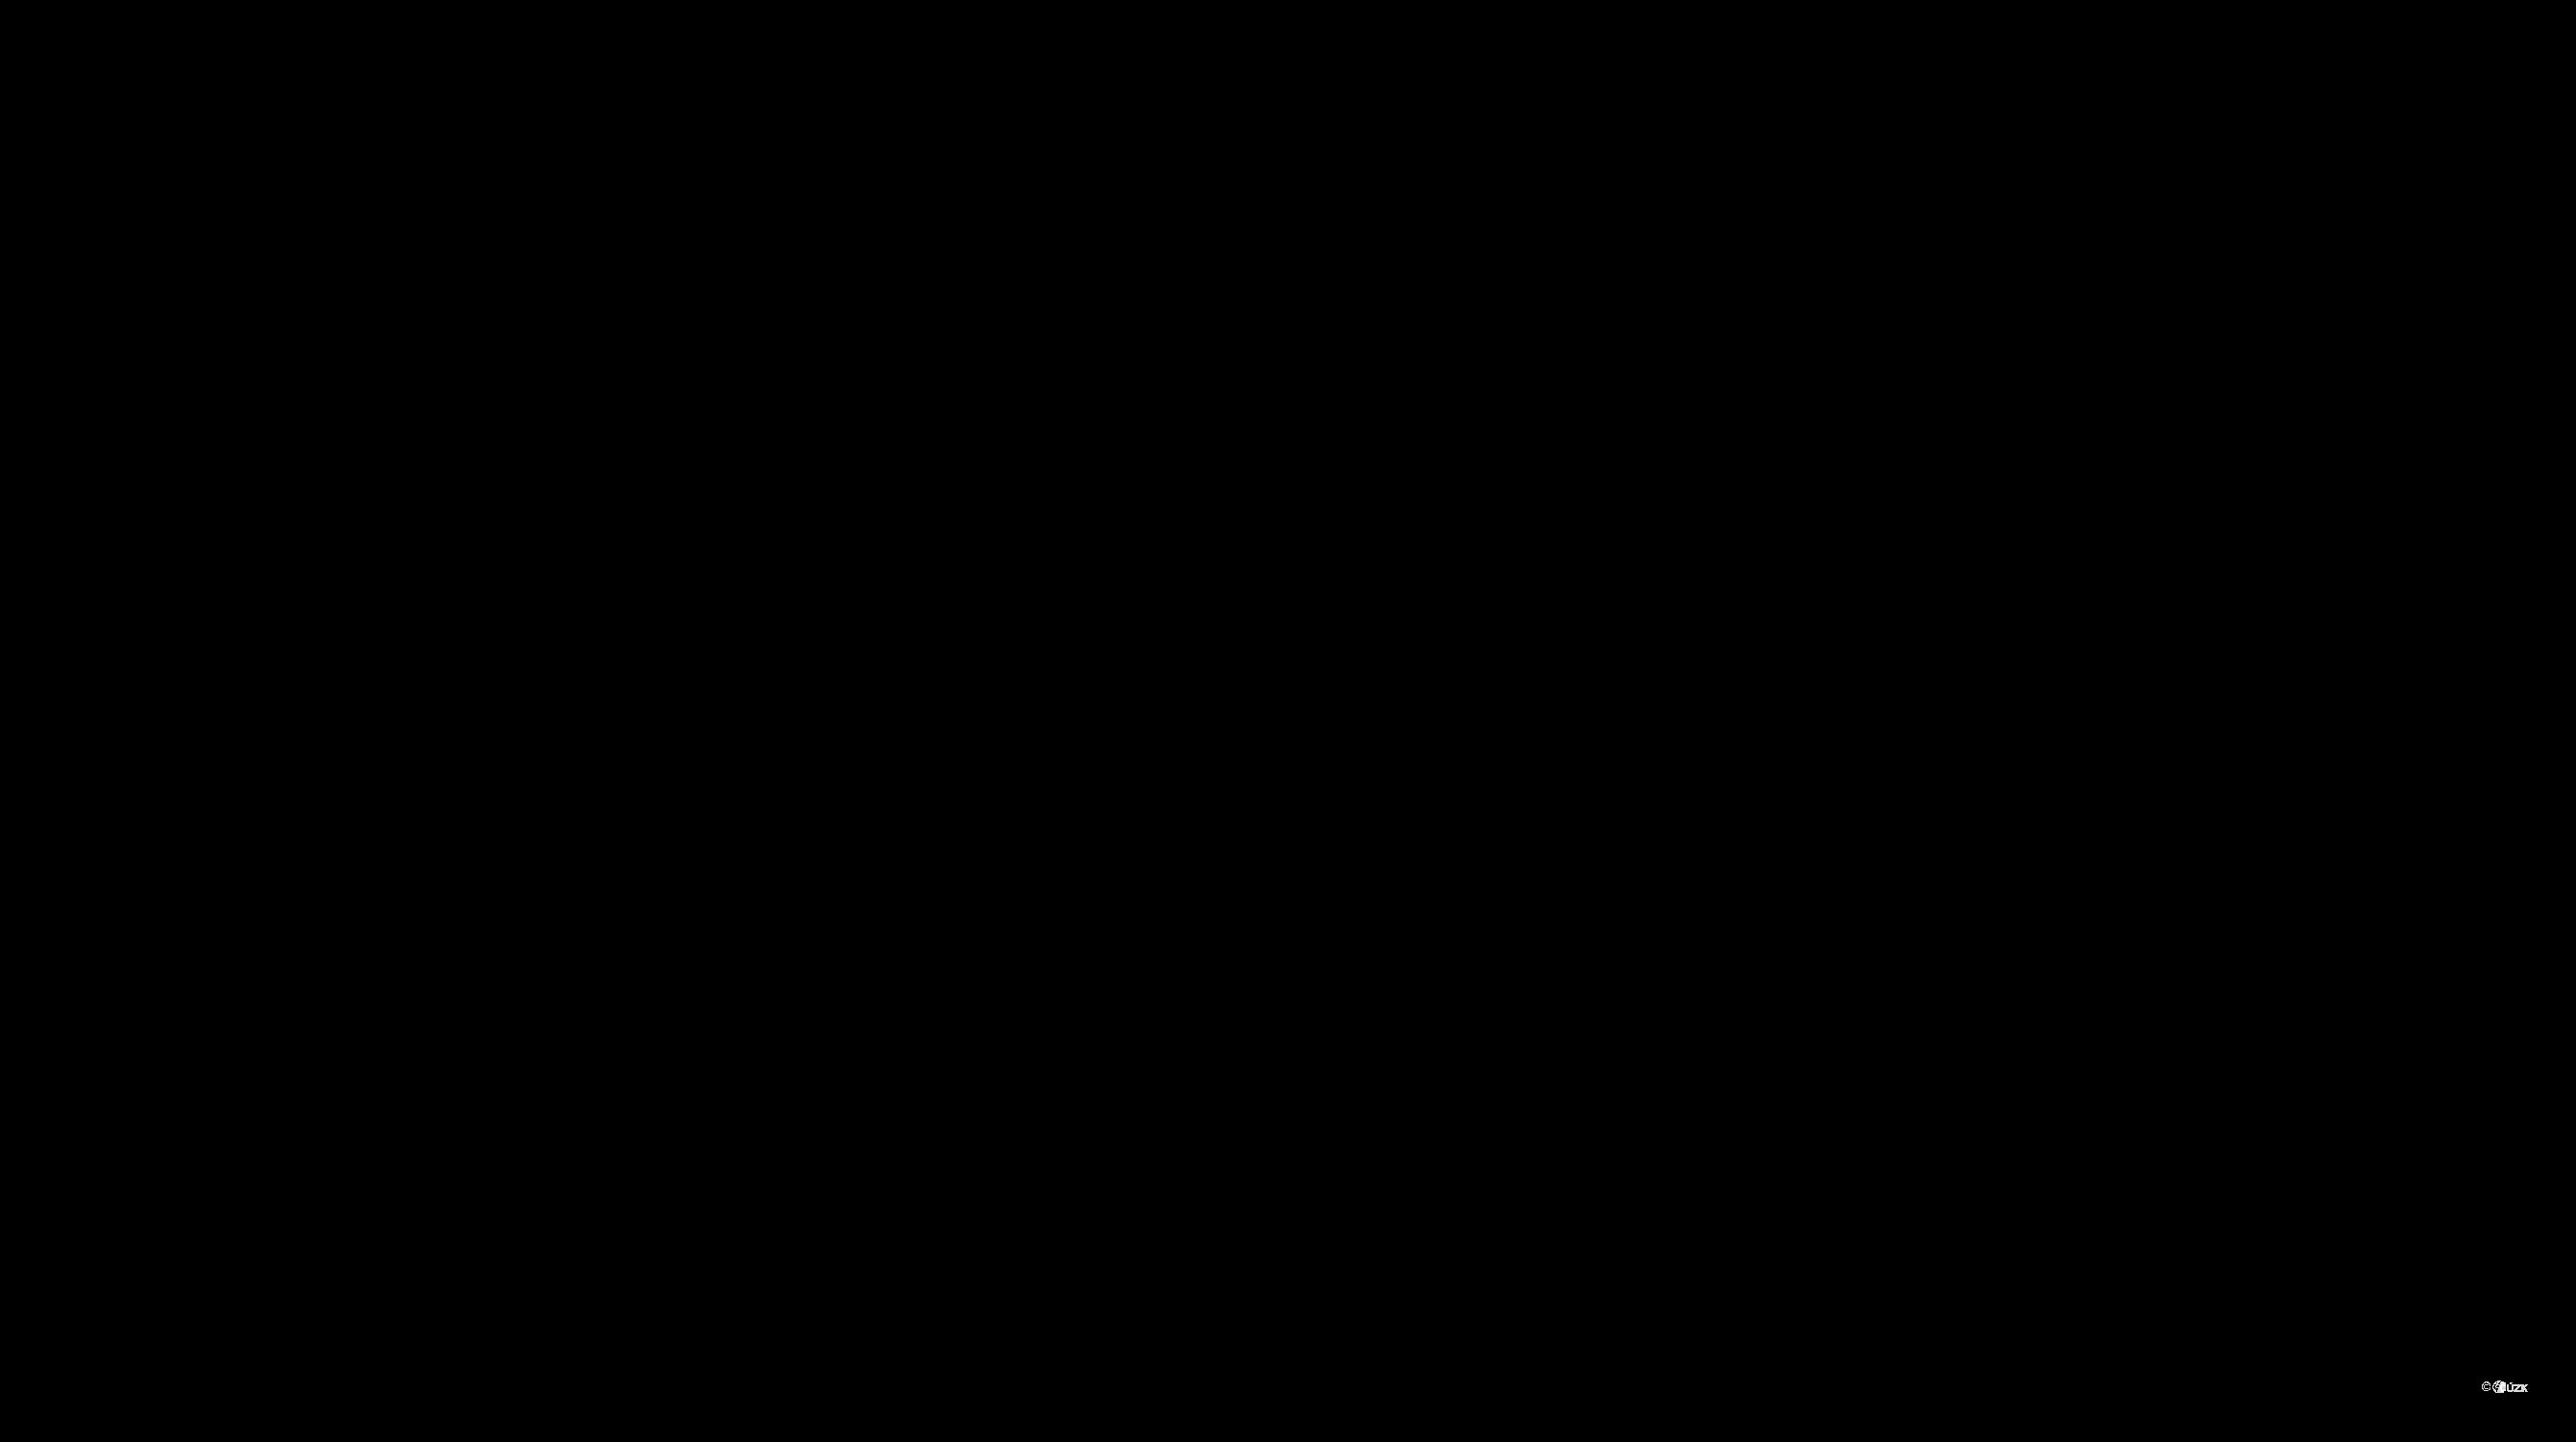 Katastrální mapa pozemků a čísla parcel Snopoušovy